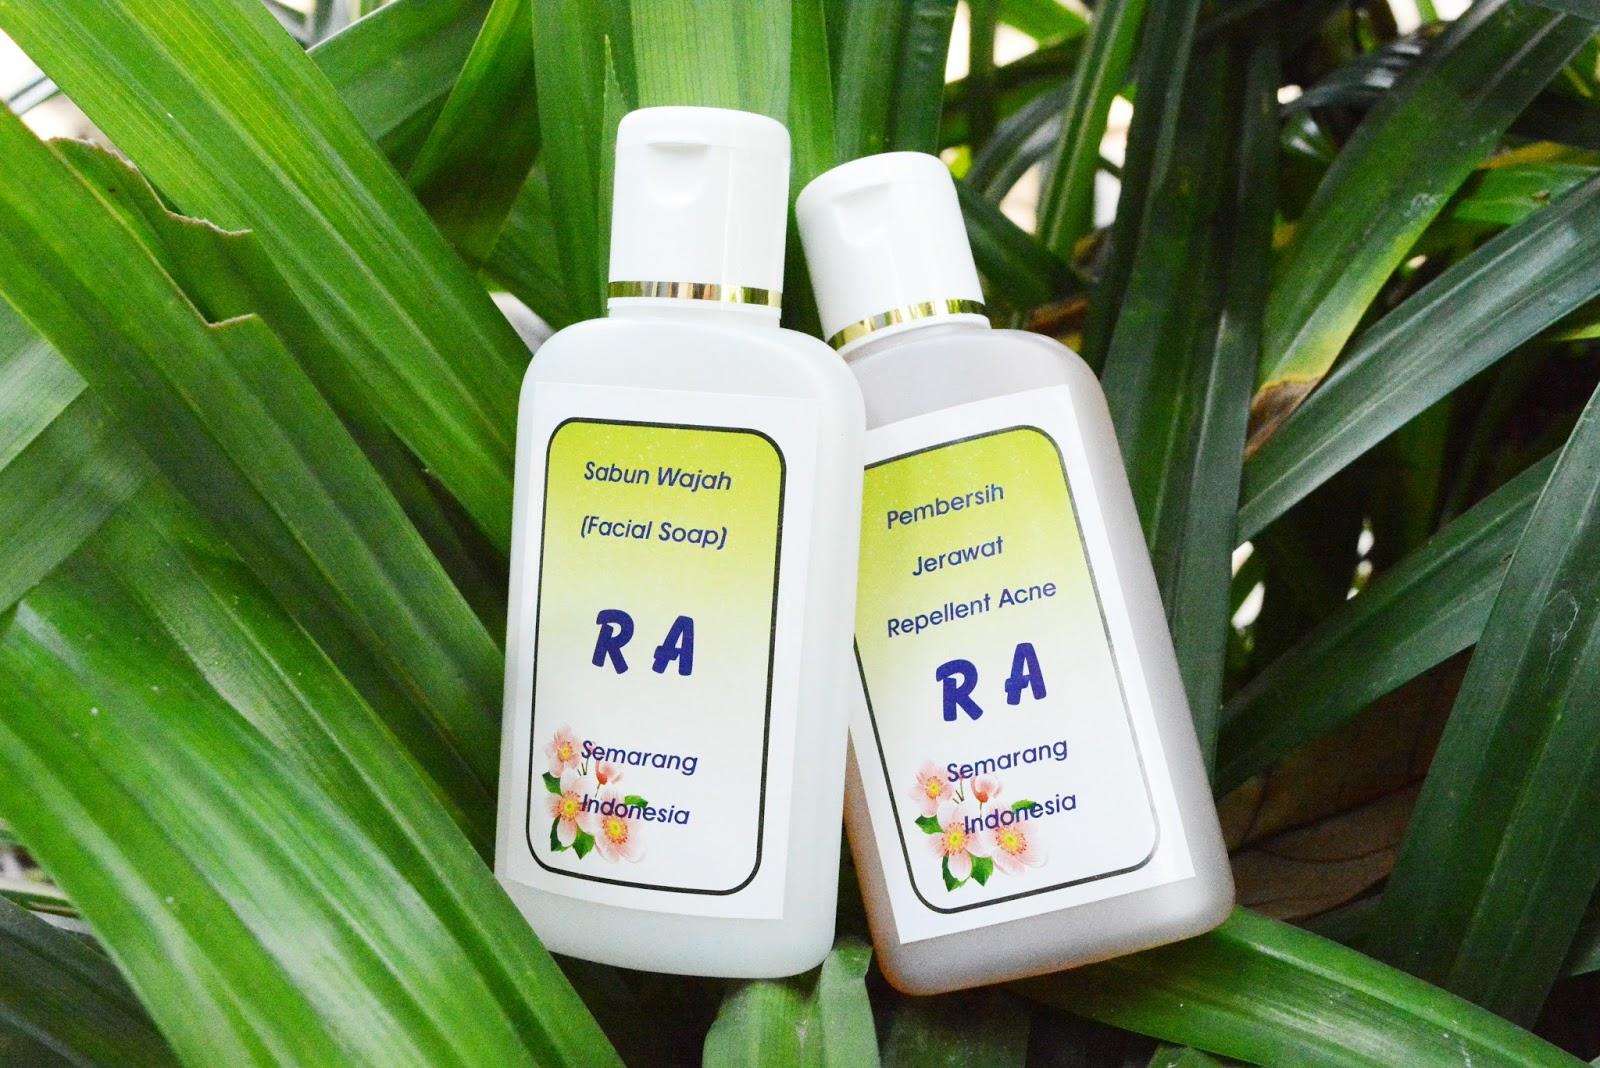 Obat Penyembuh Jerawat ampuh herbal alami ada di apotik